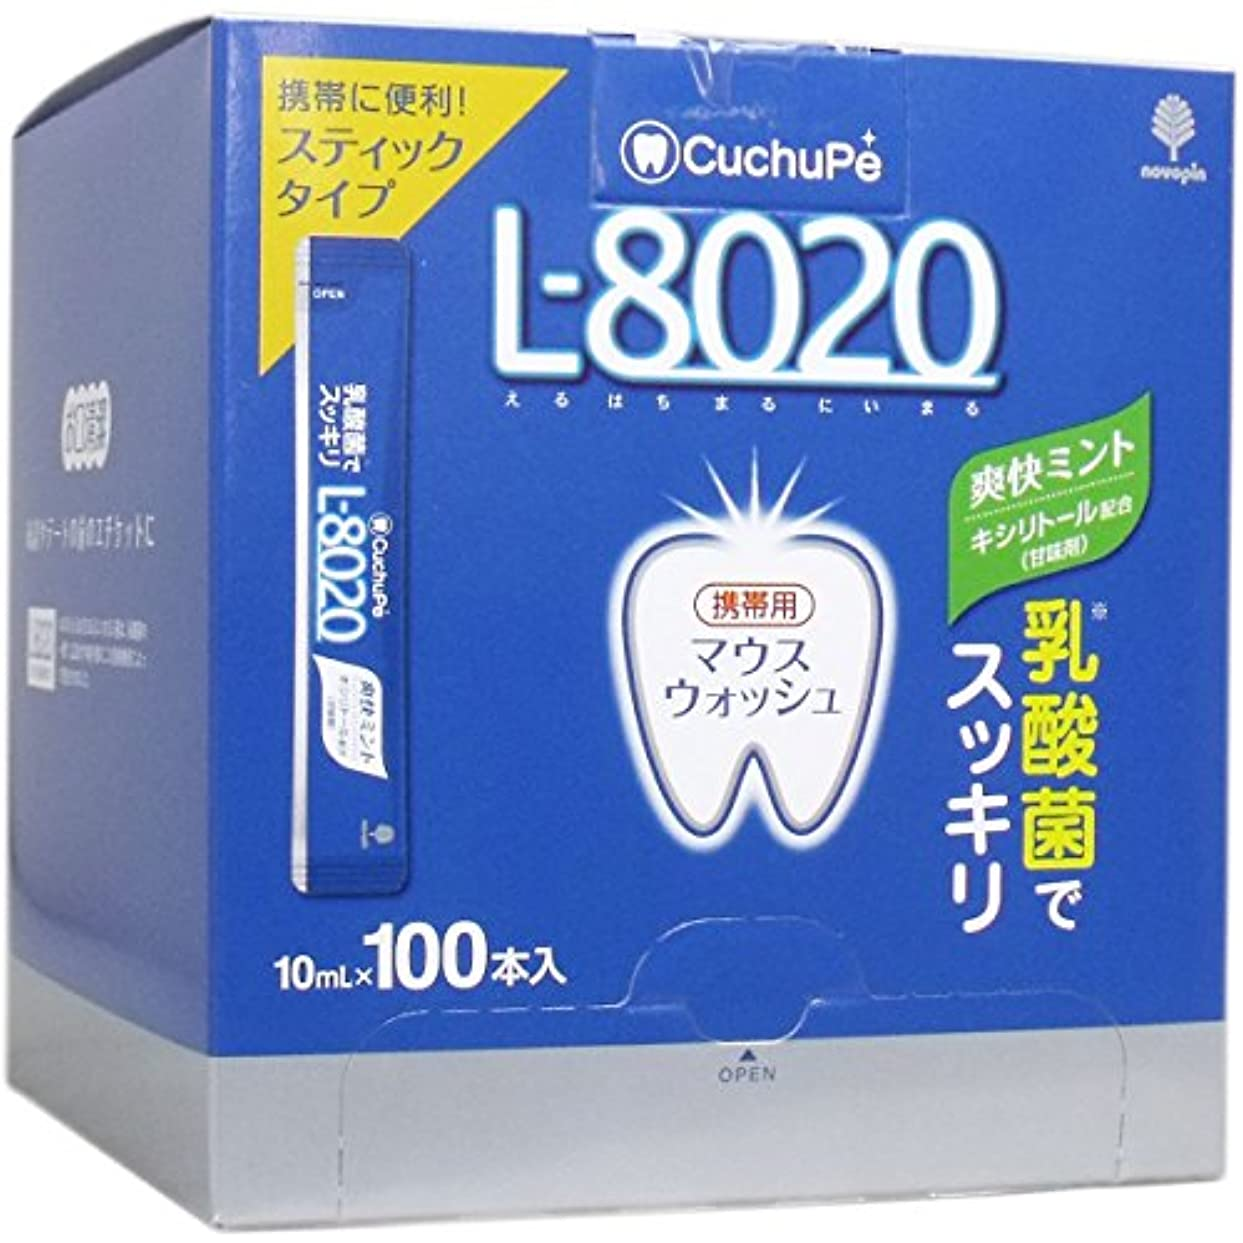 汚れる準備ができてアクセスできないクチュッペ L-8020 マウスウォッシュ 爽快ミント スティックタイプ 100本入